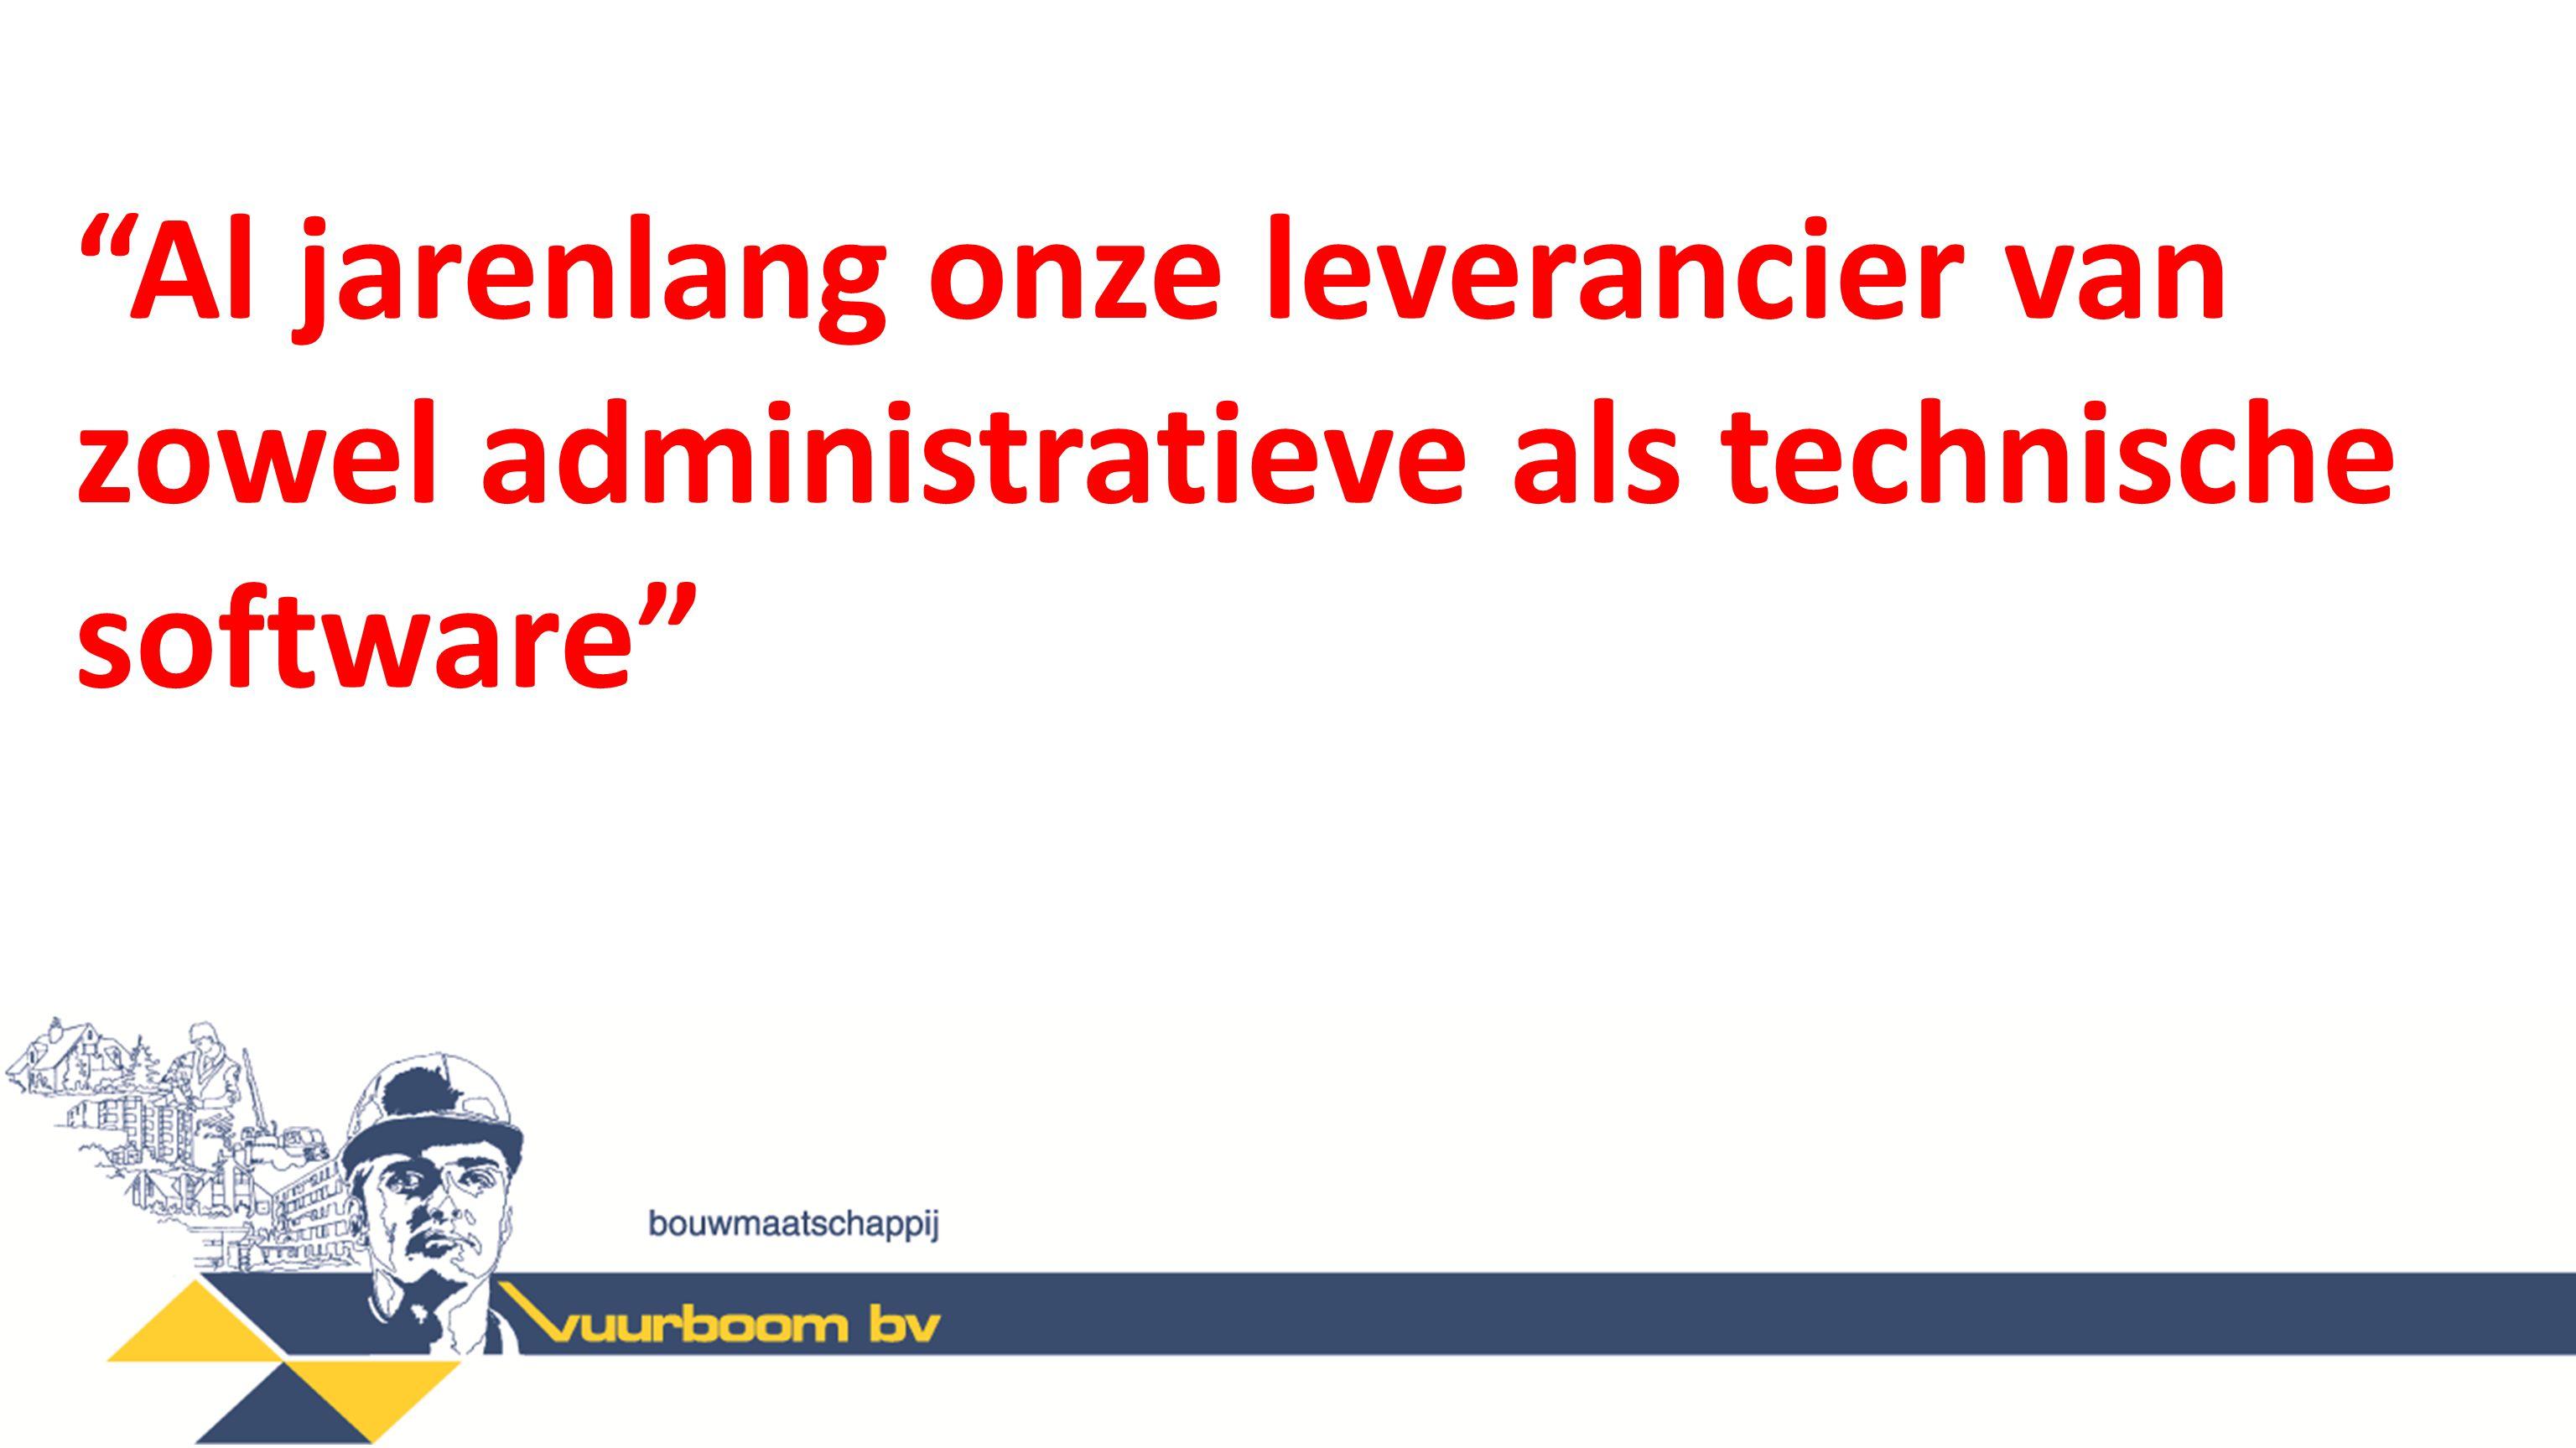 Al jarenlang onze leverancier van zowel administratieve als technische software